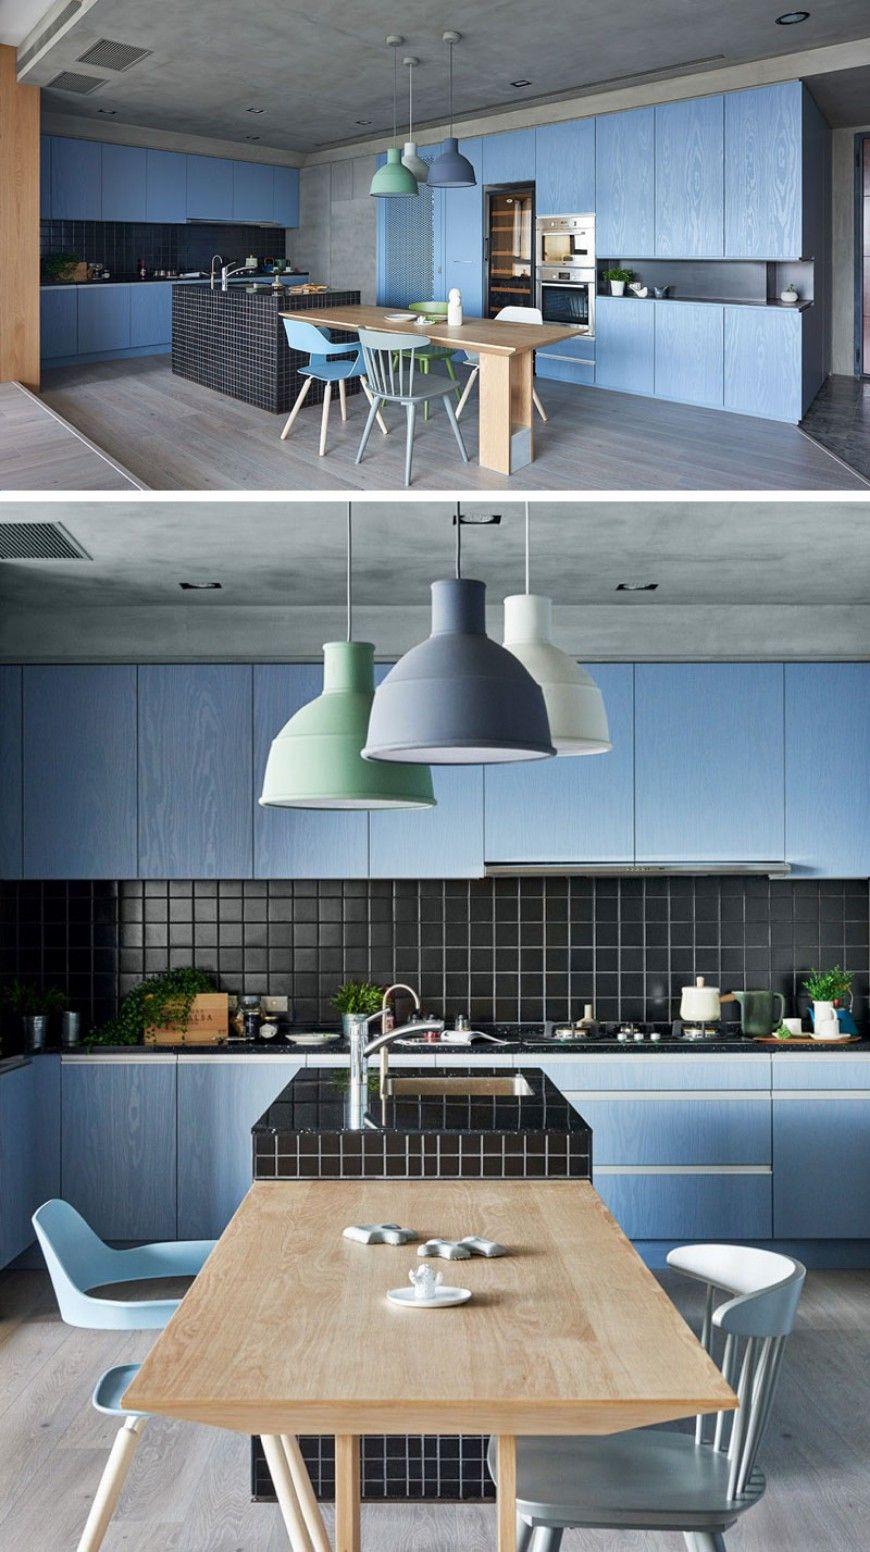 Küche Designs Farbe Inspiration: Moderne Küche mit blauen Schränken ...